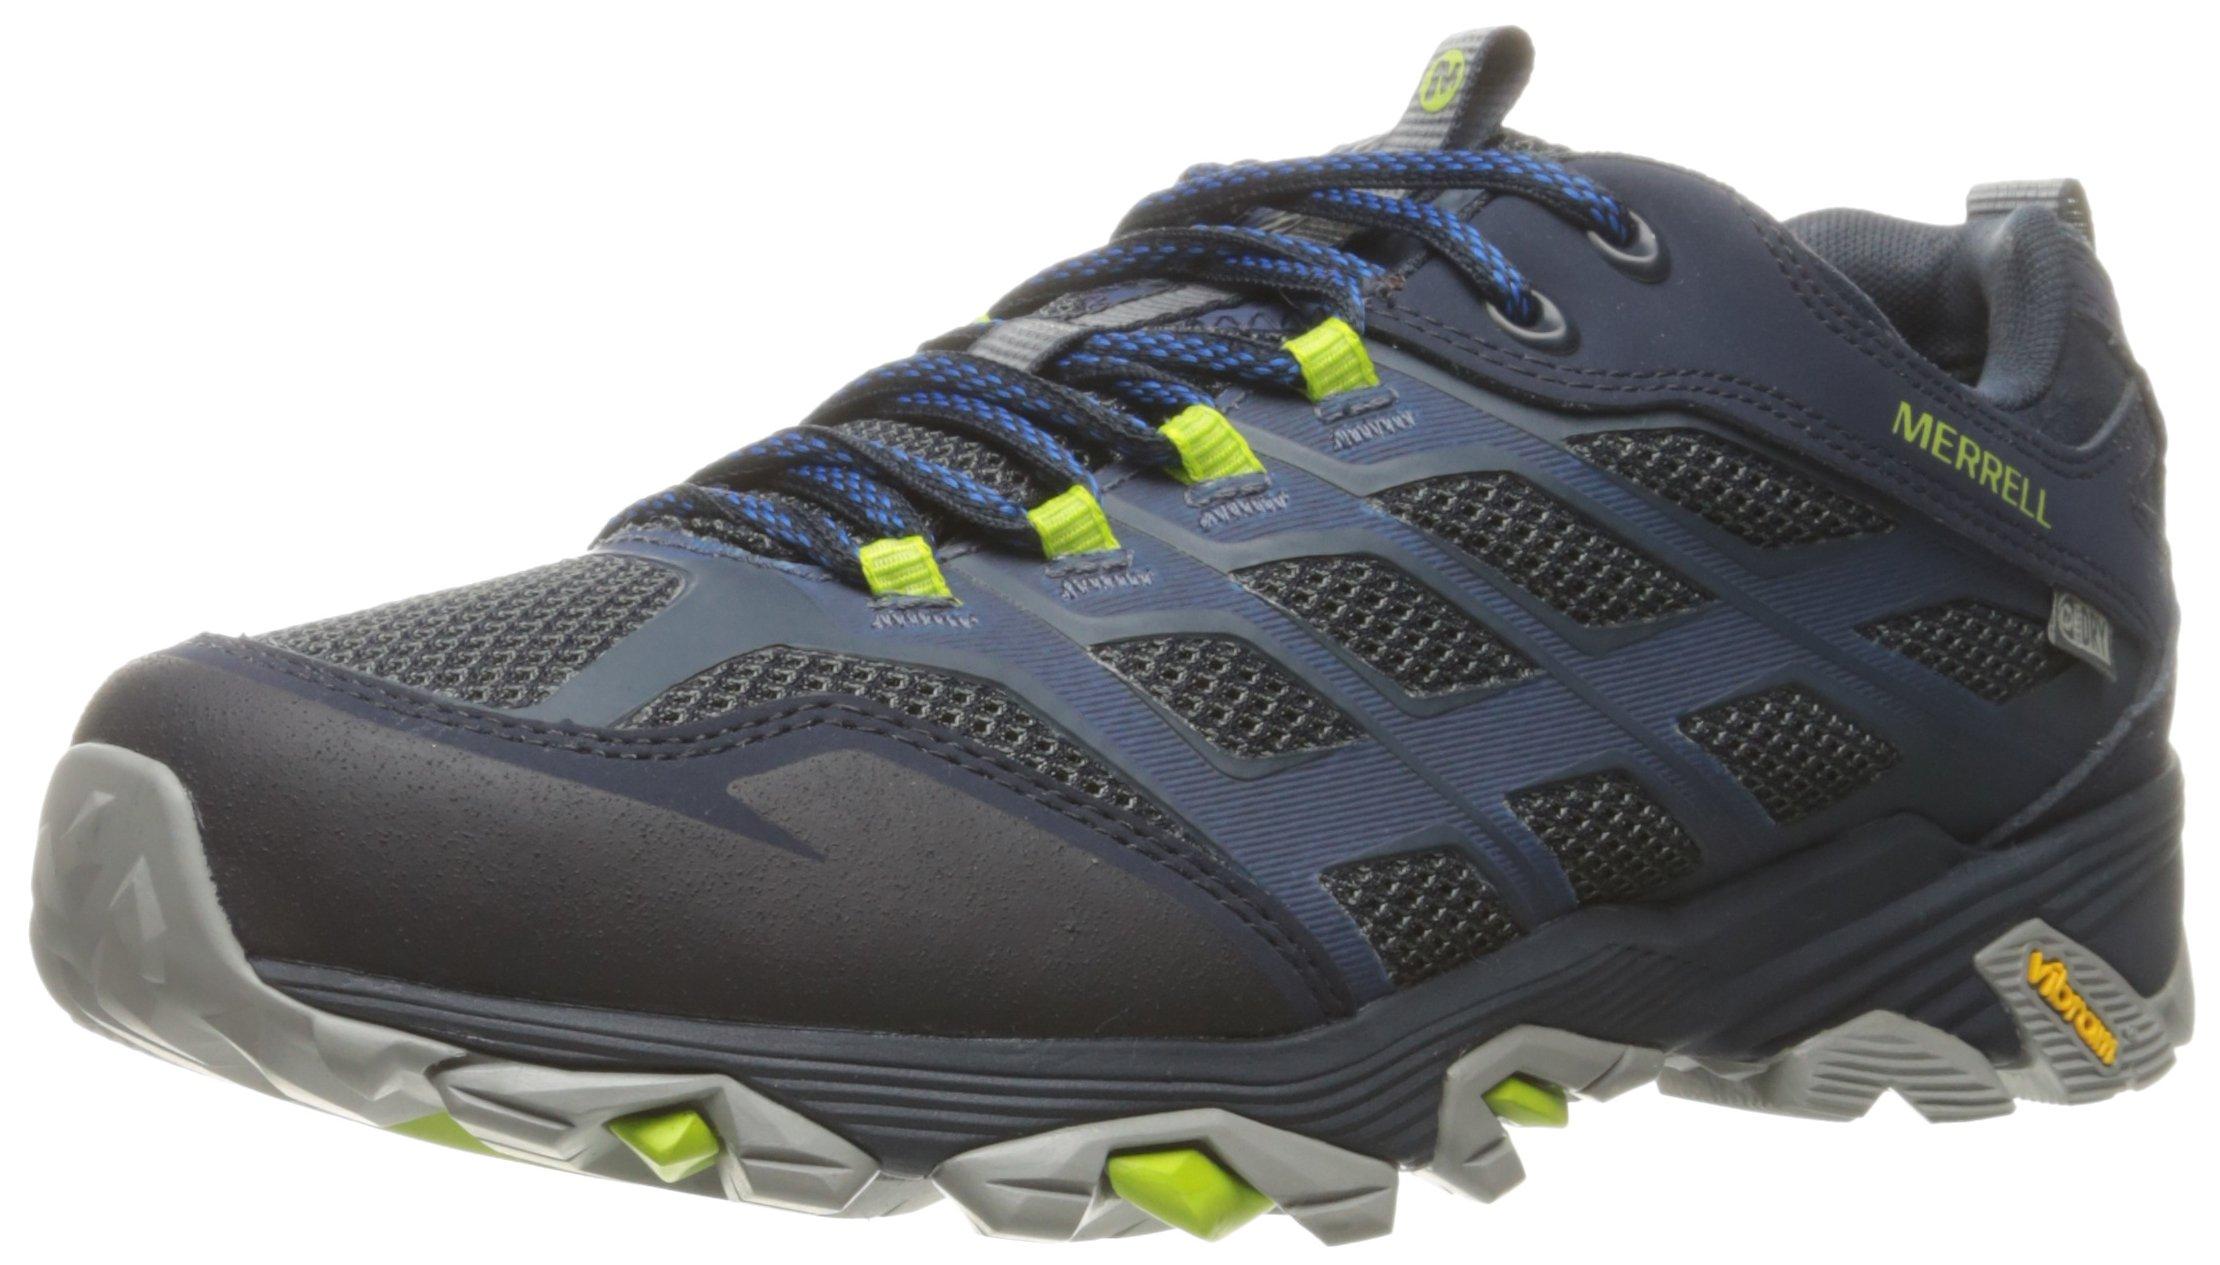 Merrell Men's Moab FST Waterproof Hiking Shoe, Navy, 8 M US